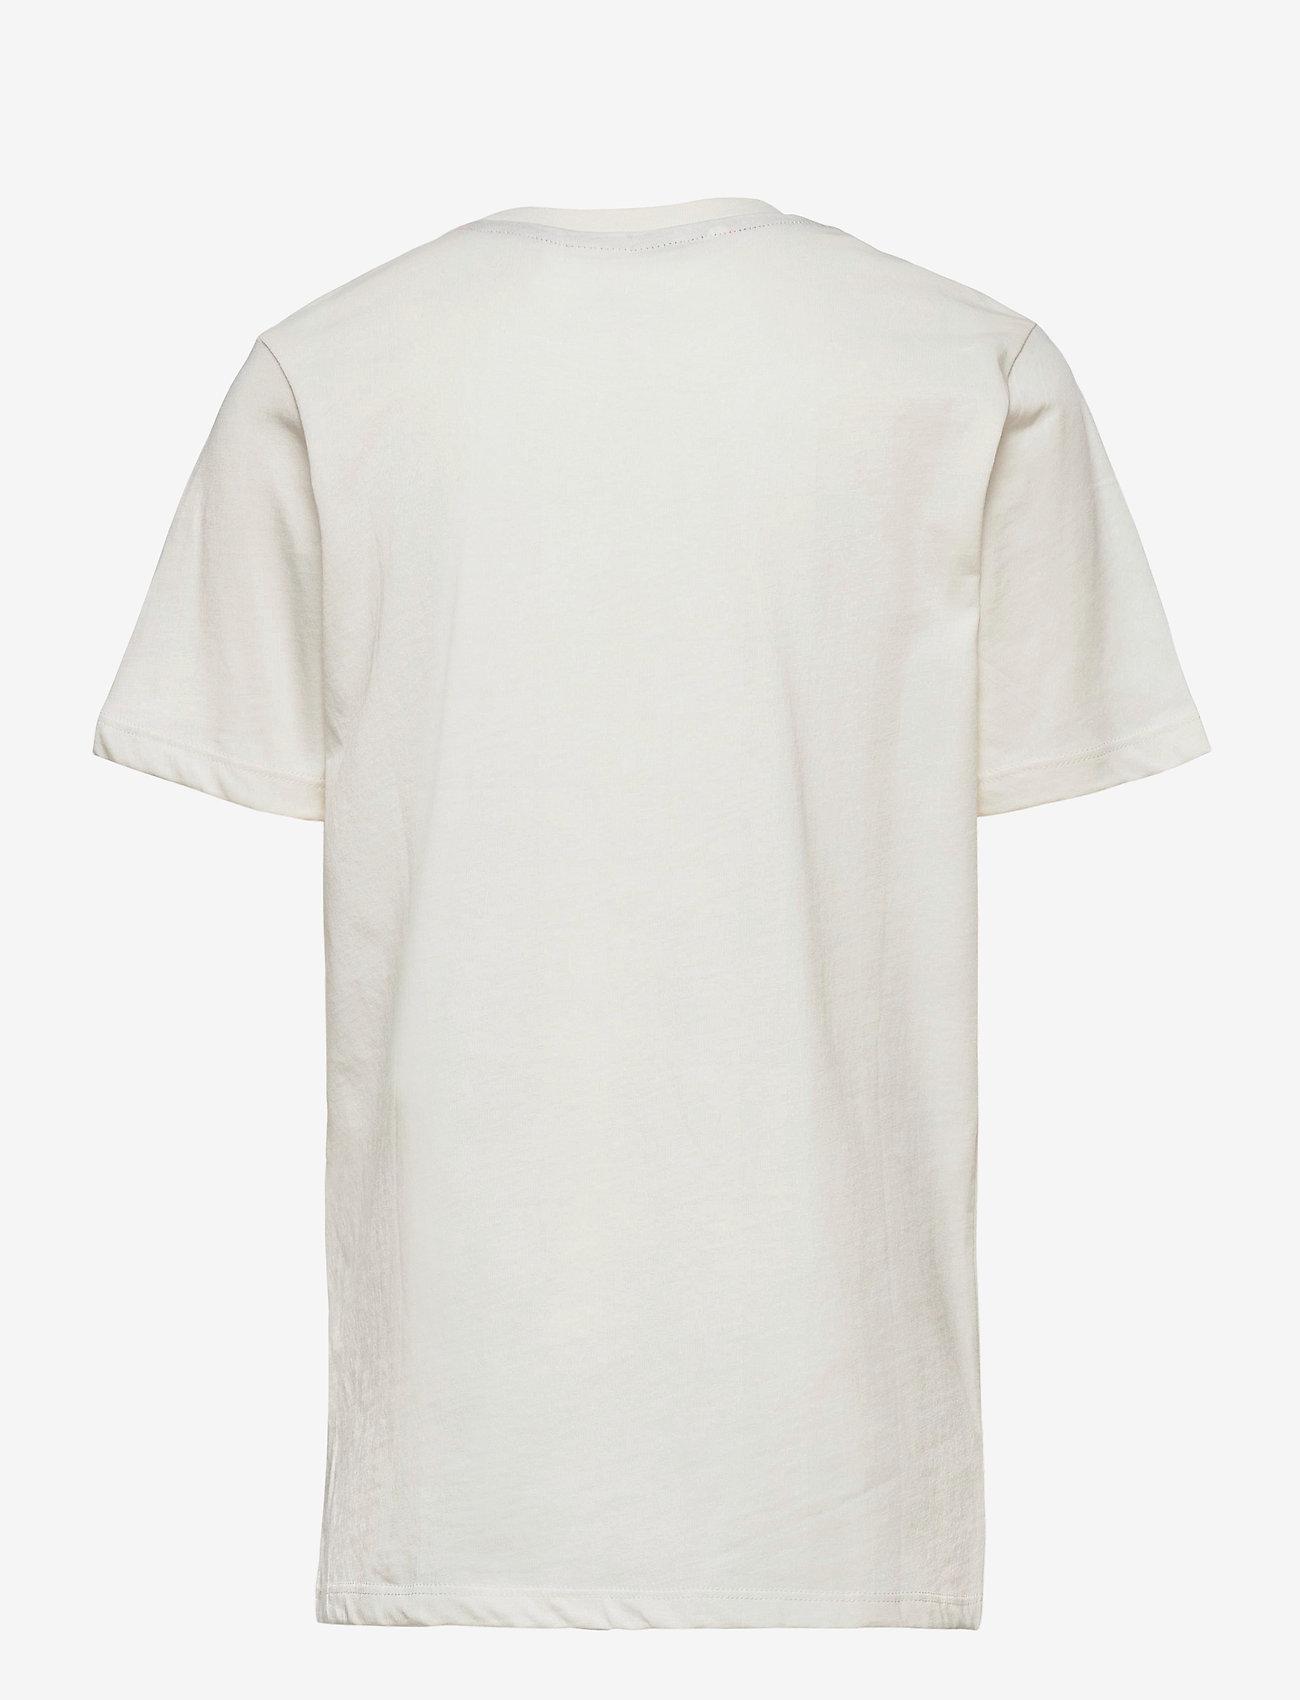 Hummel - hmlKARLO T-SHIRT S/S - short-sleeved - whisper white - 1